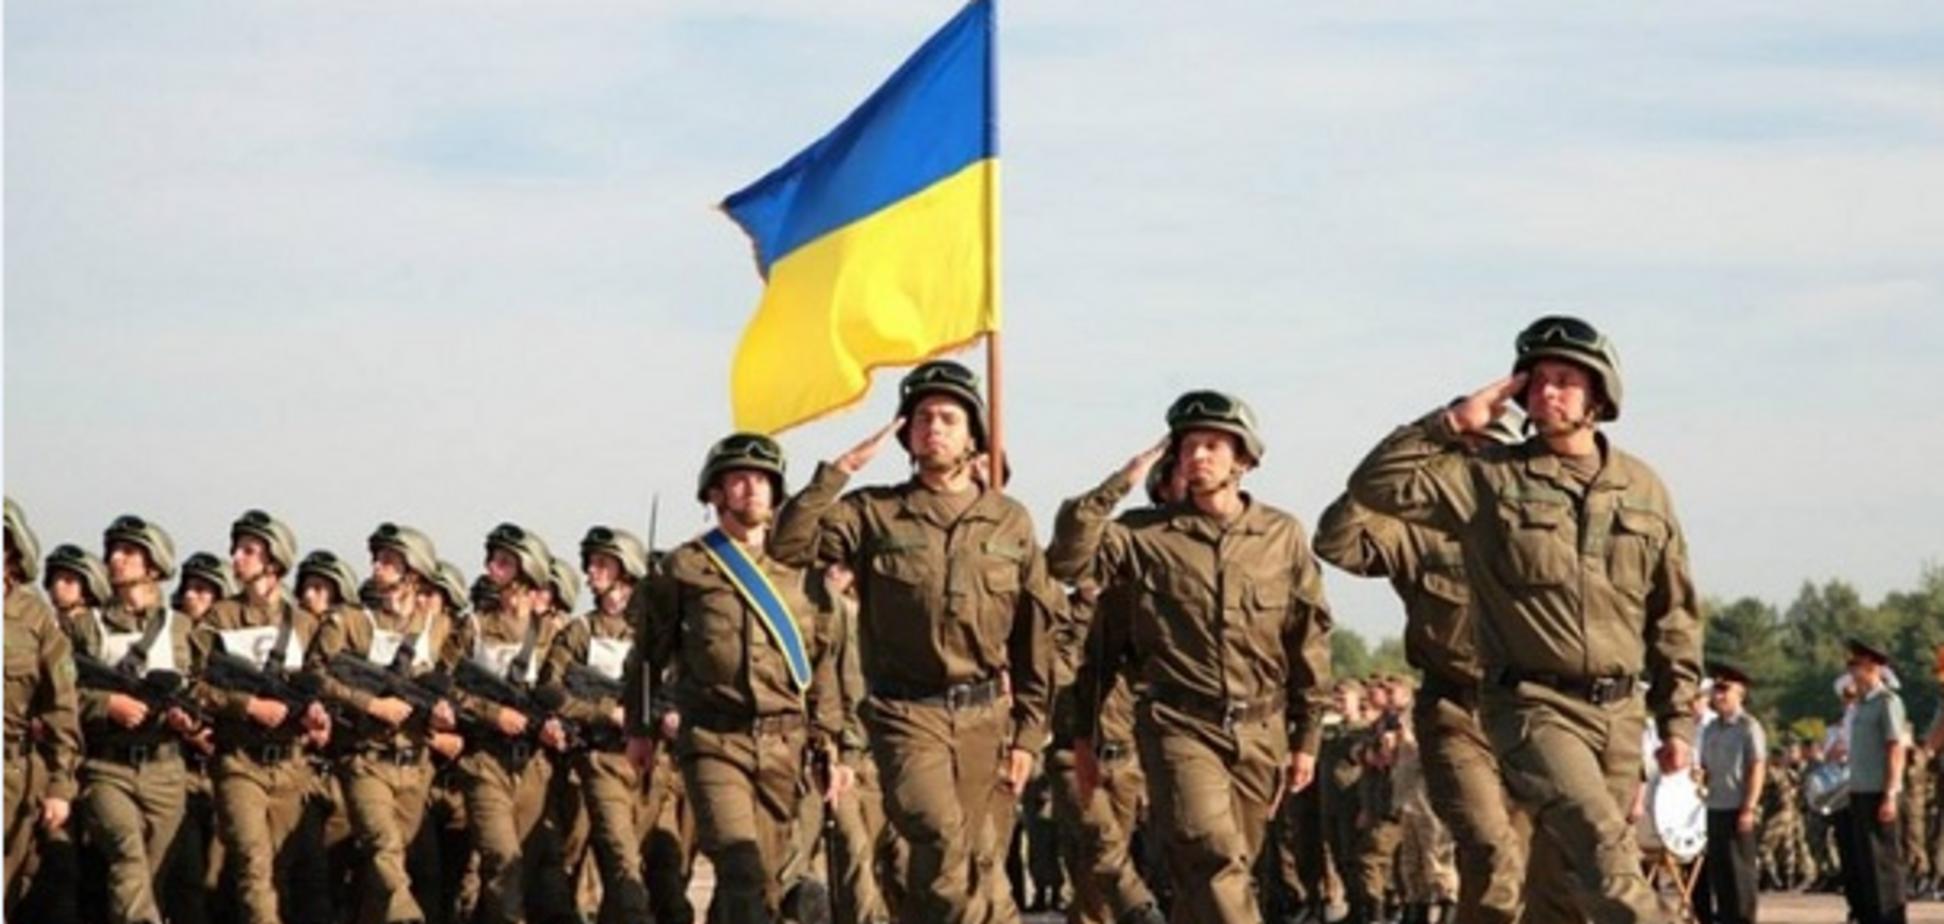 Украинская армия: атрибут или инструмент?